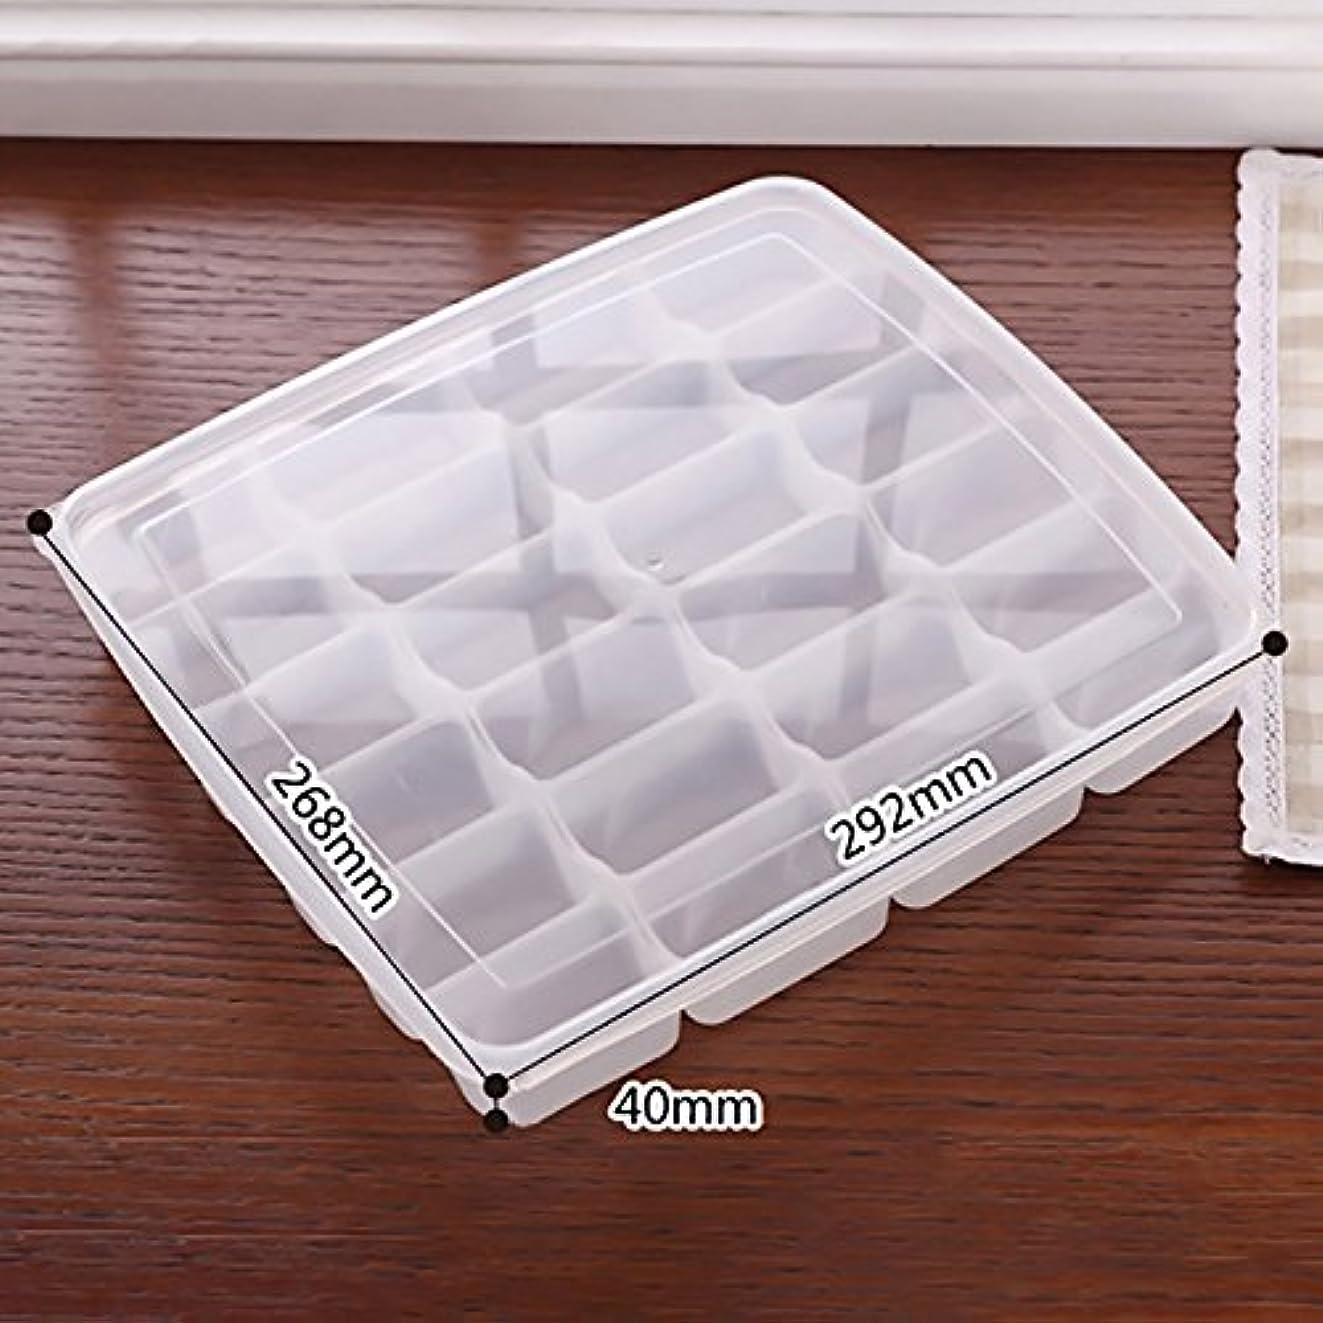 地域実現可能性晴れQIN 餃子の収納ボックス ギョーザケース 冷蔵ボックス キッチン収納 蓋付きホルダー ギョウザ 24個入れ 保存容器 家庭 業務用